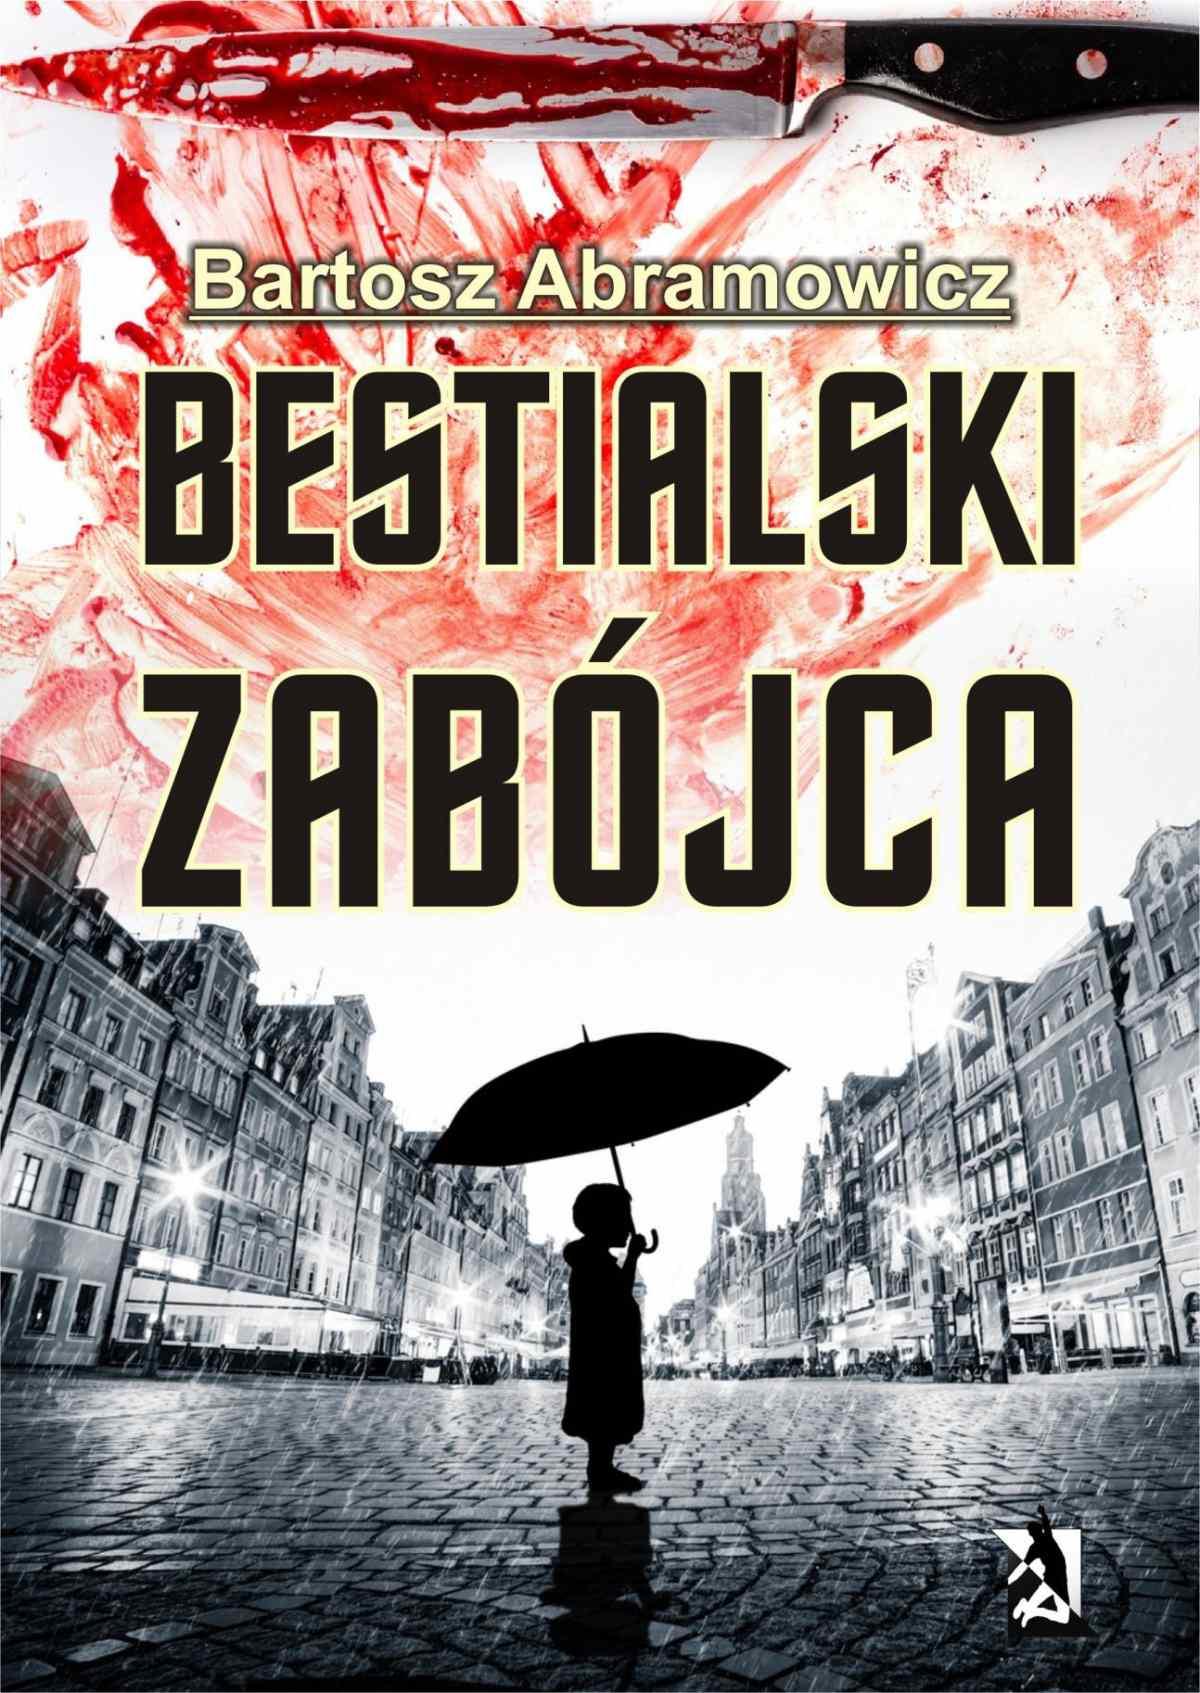 Bestialski zabójca - Ebook (Książka EPUB) do pobrania w formacie EPUB